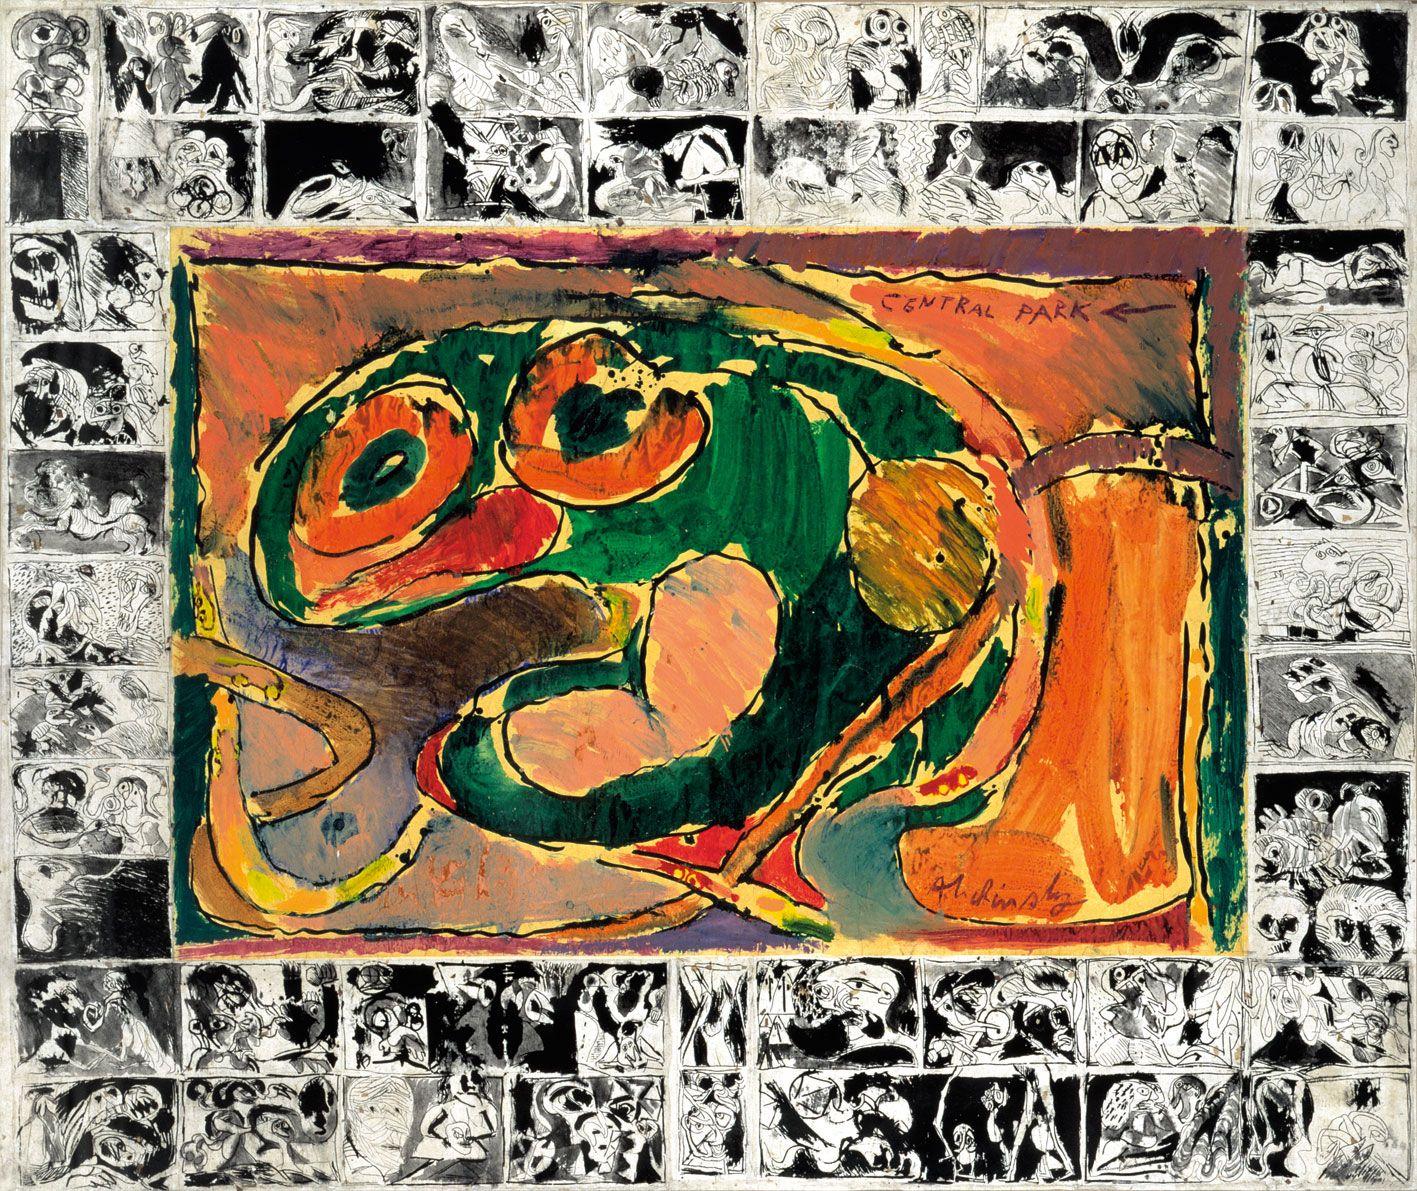 Pierre Alechinsky - Central Park, 1965 | Art, Art Rmel destiné Oeuvre Alechinsky